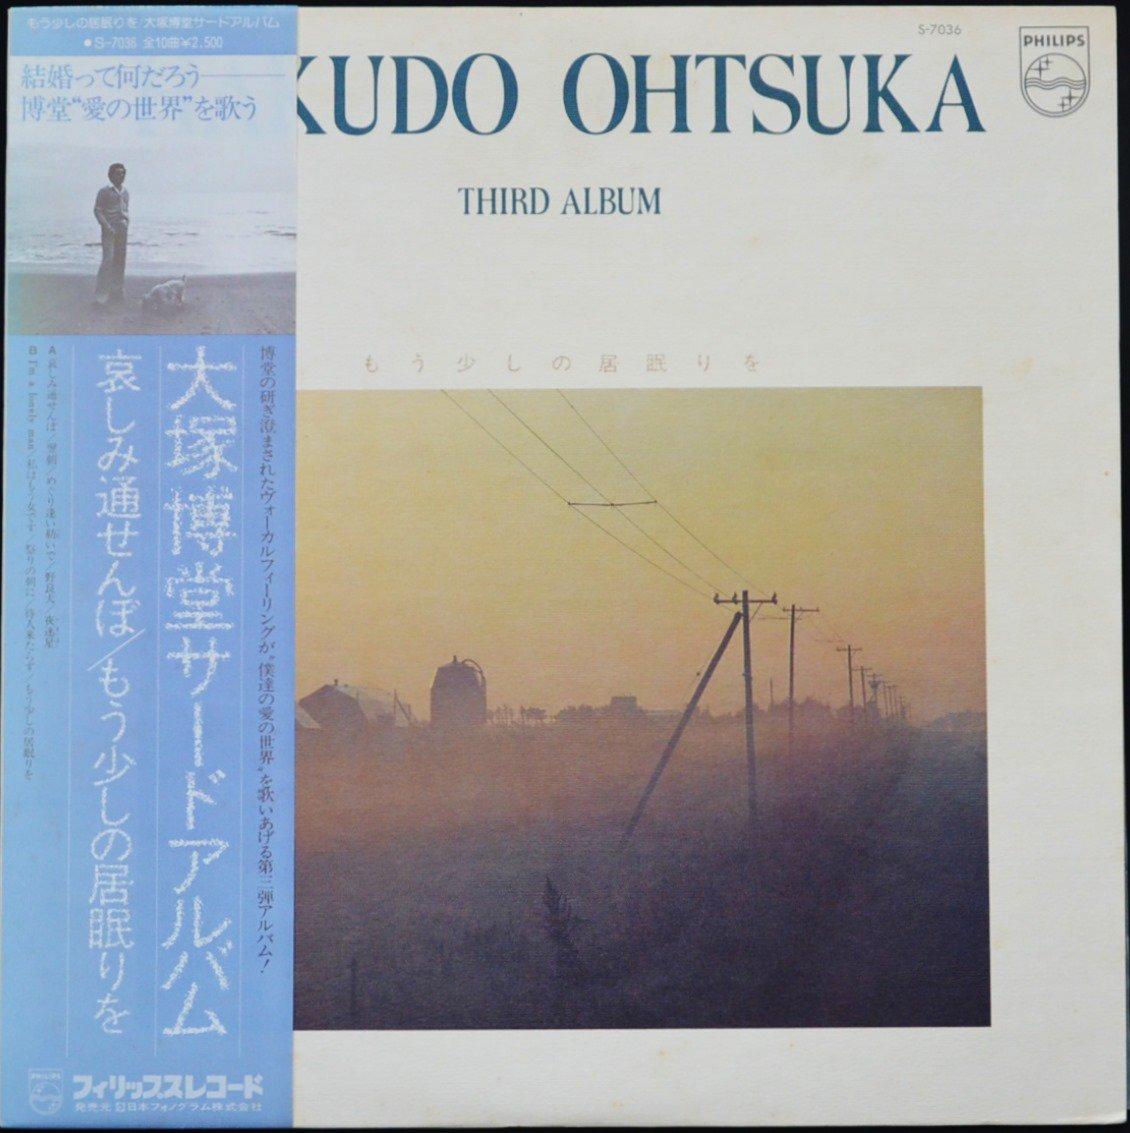 大塚博堂  HAKUDO OHTSUKA / サードアルバム THIRD ALBUM〜もう少しの居眠りを(LP)